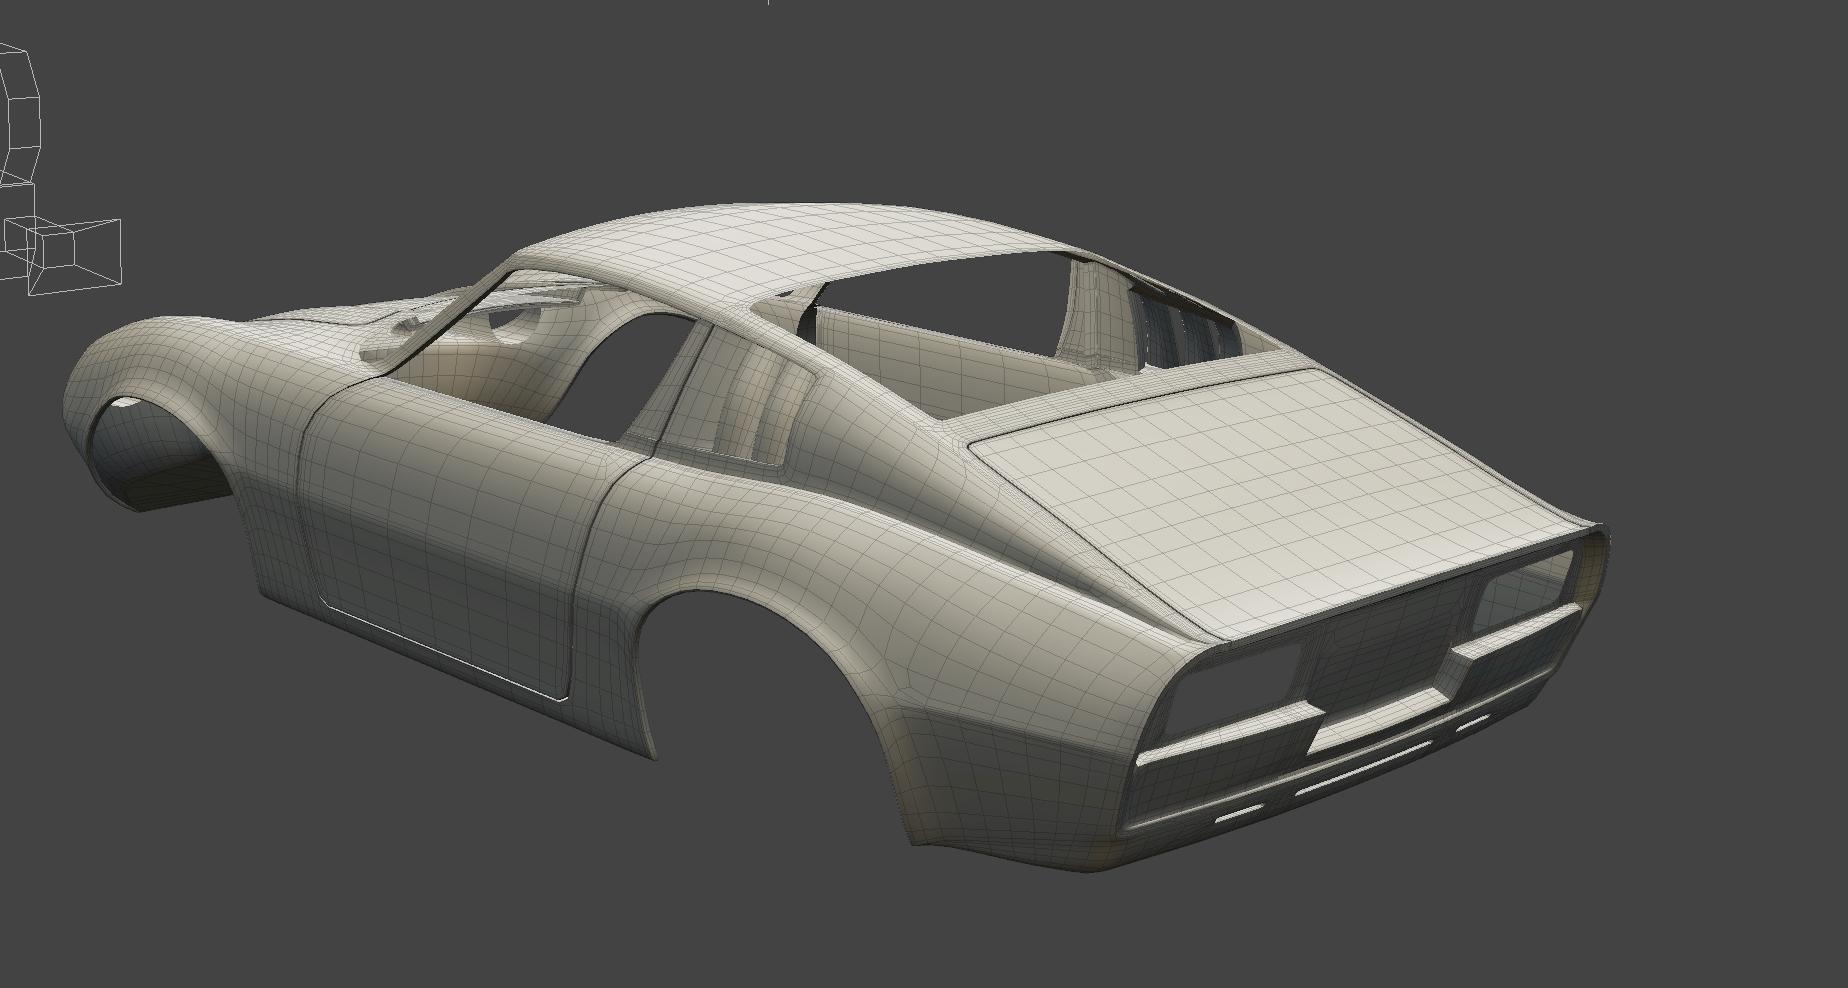 2019 Car Render Challenge - Puma GTE